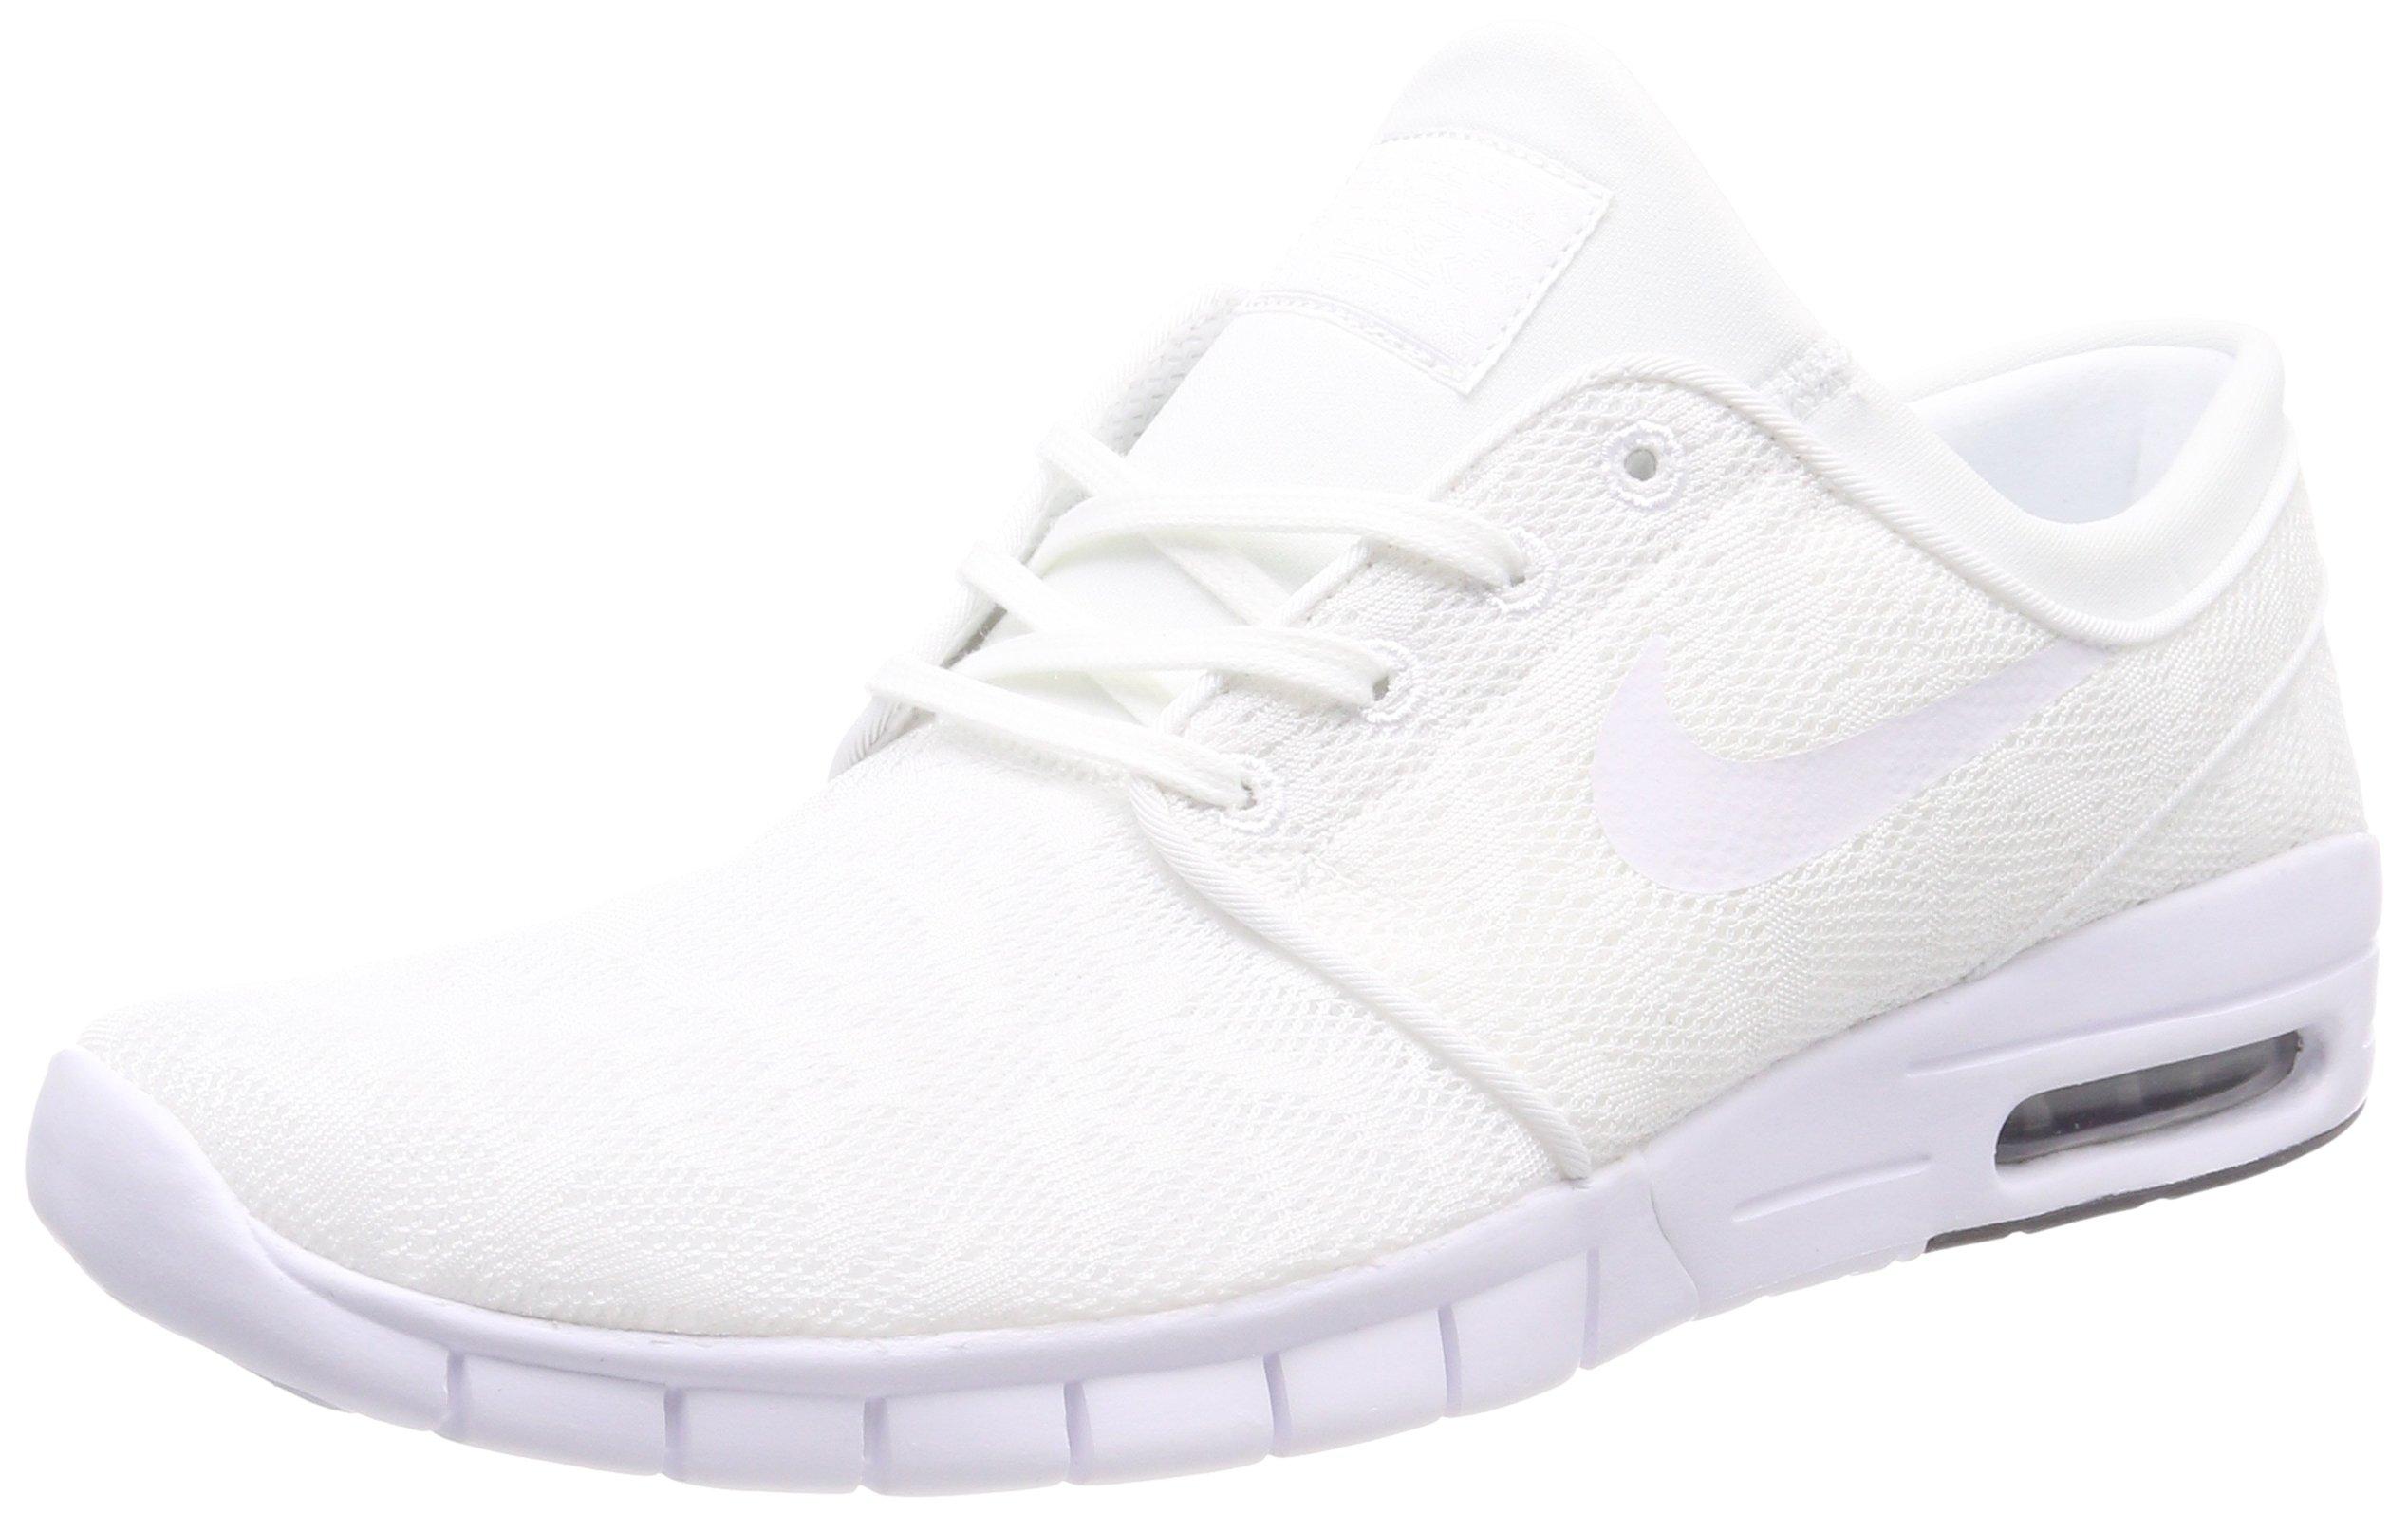 97fd7a1569bb Galleon - Nike Men s Stefan Janoski Max White White-obsidian Sneakers - 7  D(M) US